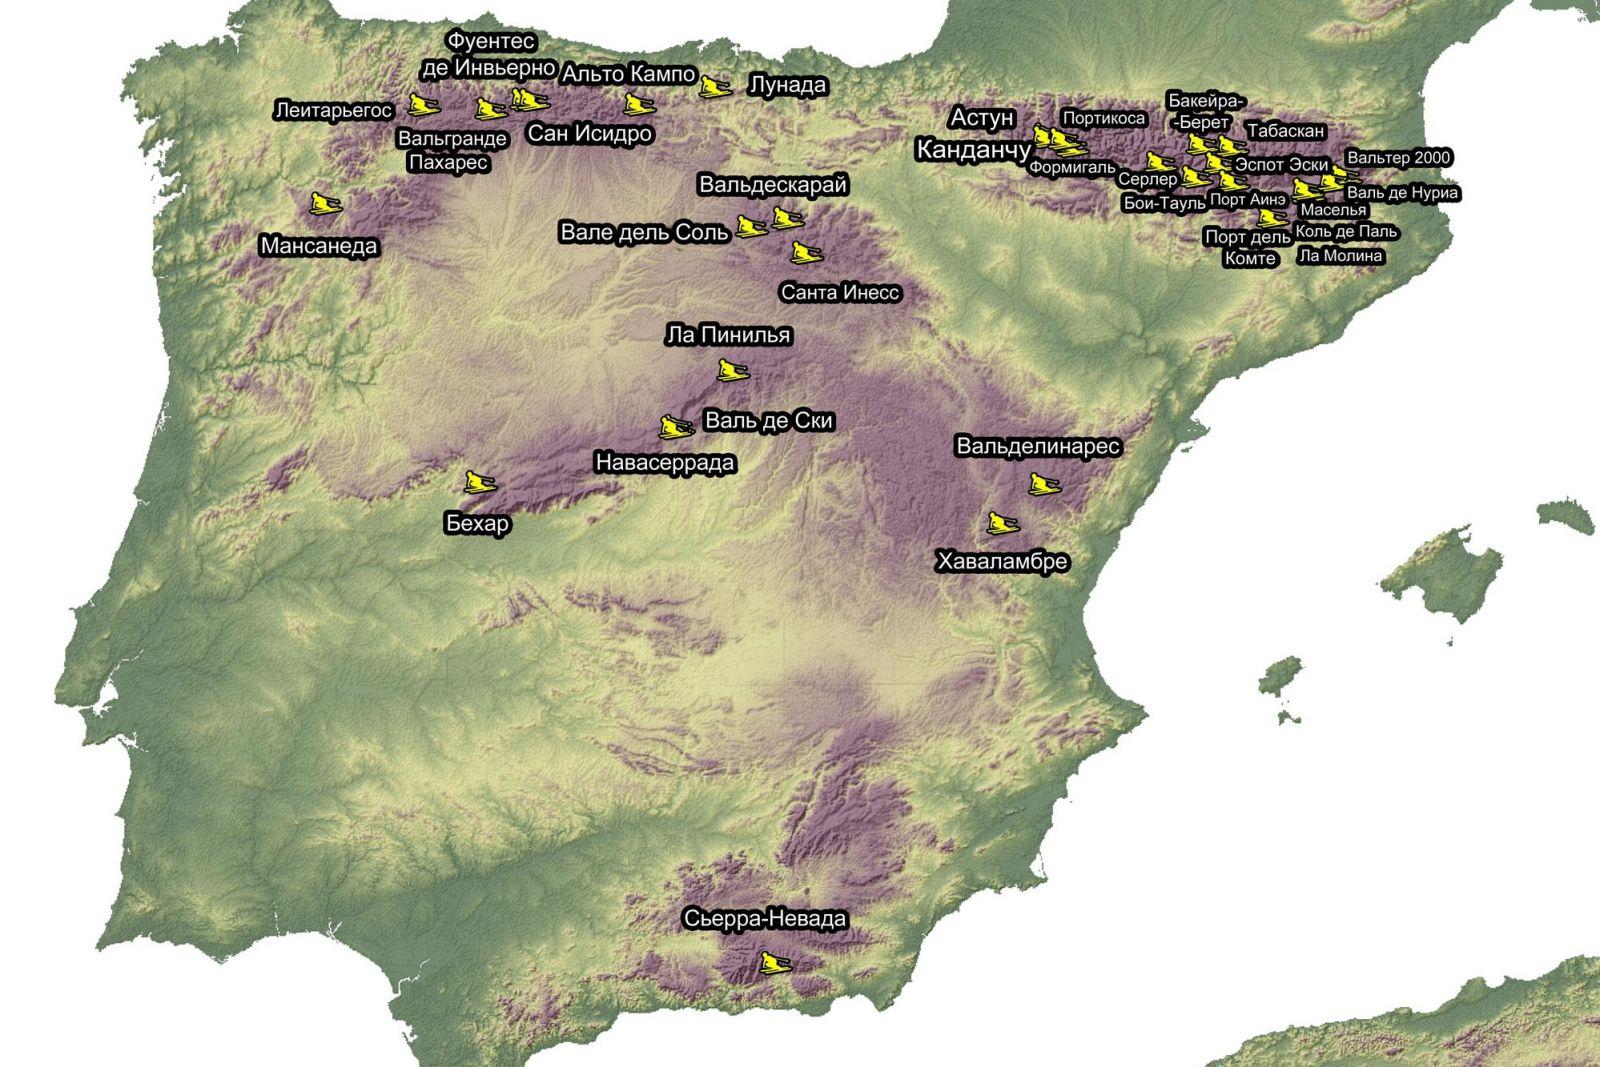 Горнолыжные курорты Испании на карте